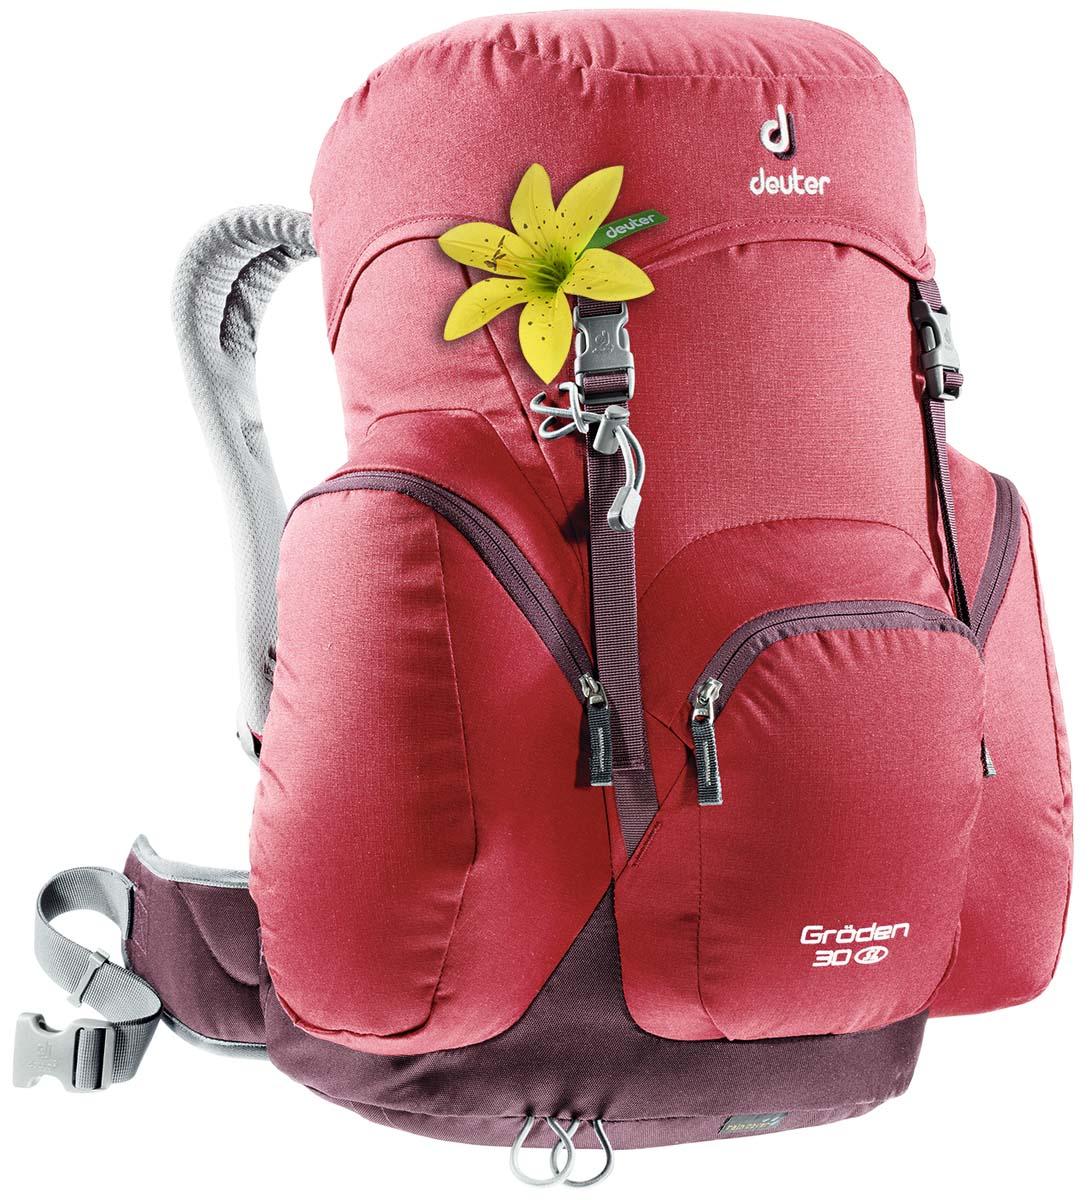 Рюкзак туристический Deuter Groden 30 SL, цвет: темно-красный, 30 л рюкзак deuter aircontact sl 50 10l 2017 blackberry aubergine